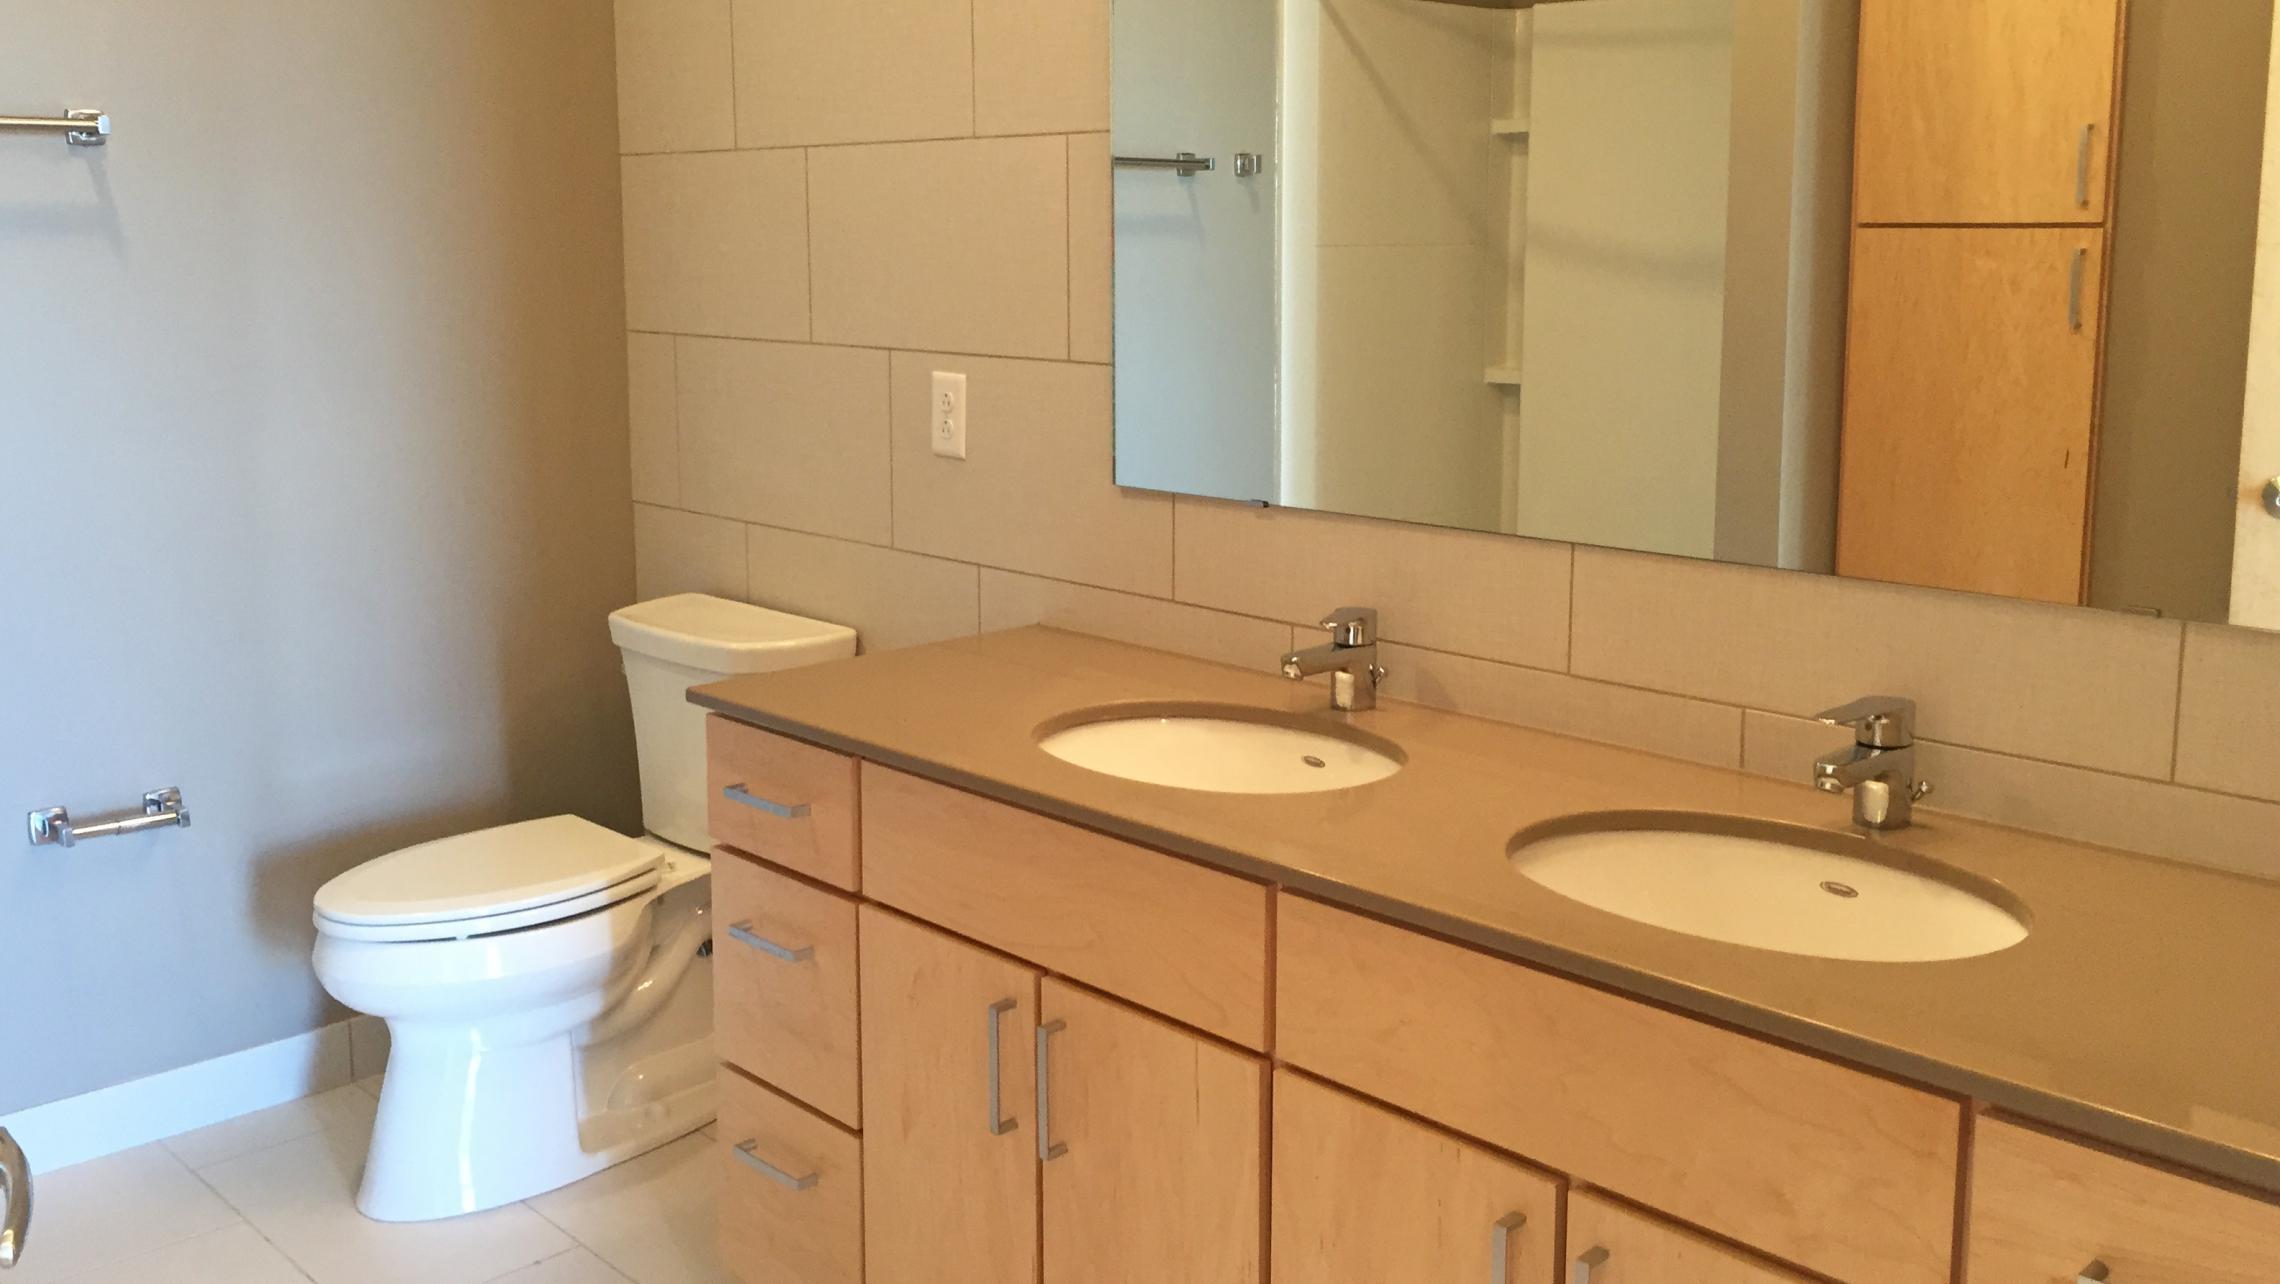 ULI Nine Line Apartment 423 - Bathroom